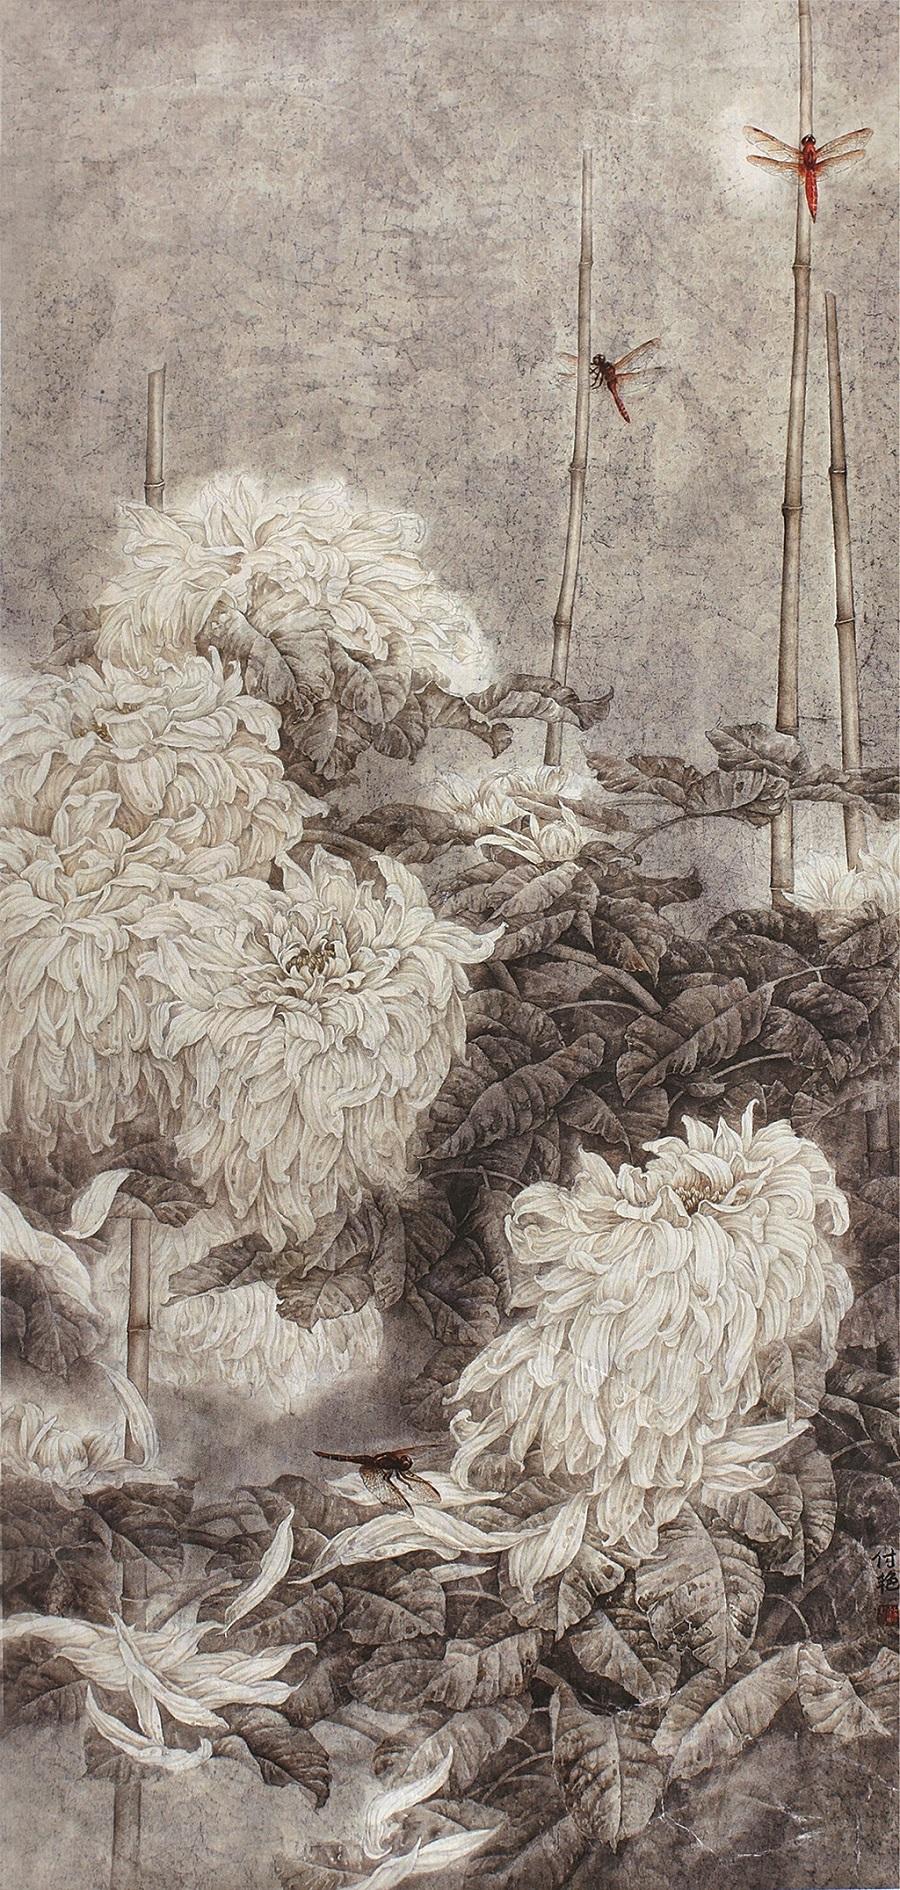 《华露秋芳》 中国画 2007年 全国小幅工笔重彩作品优秀奖63-130.jpg